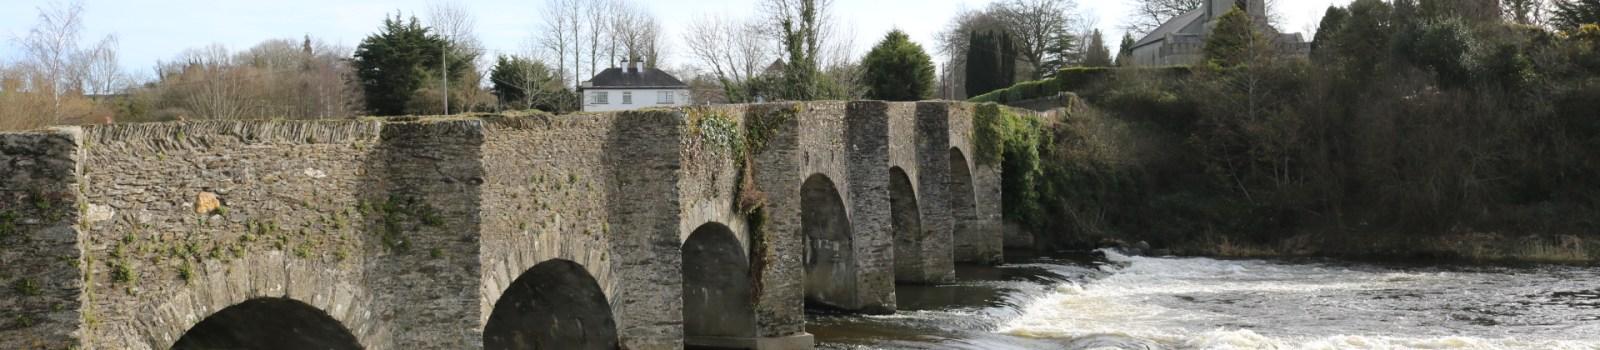 Slaney River, Ballycarney